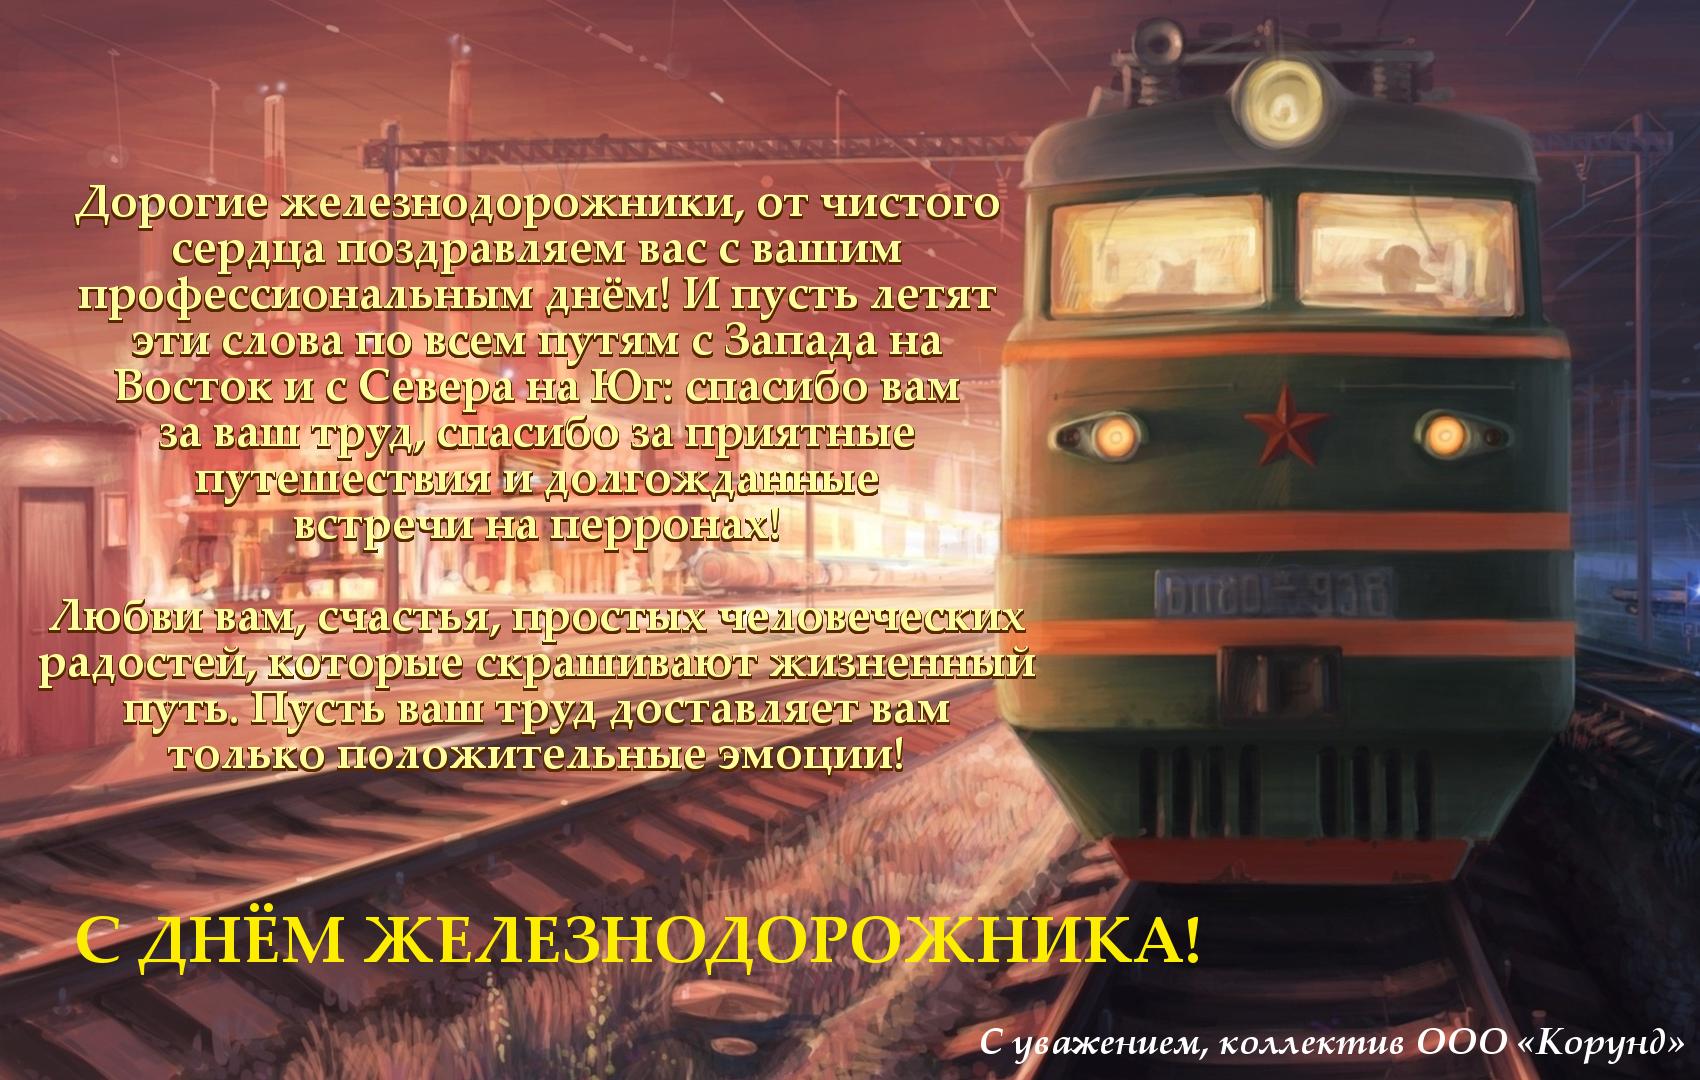 Прикольные поздравления с днем железнодорожника в прозе